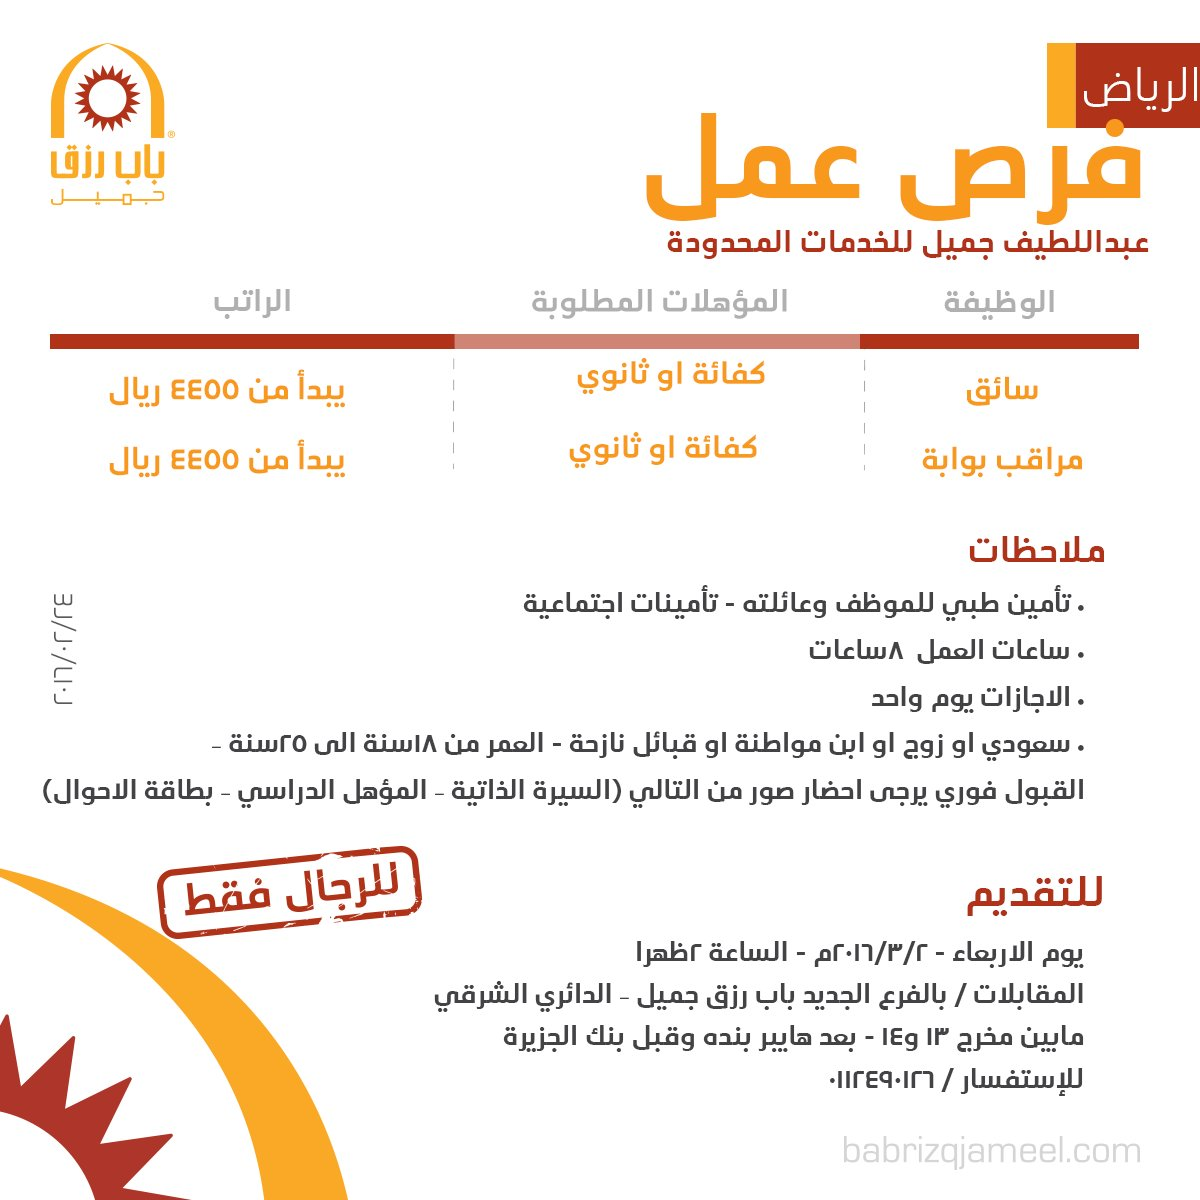 يوم الأربعاء التقديم على وظائف سائق ومراقب بوابة في شركة عبد اللطيف جميل - الرياض